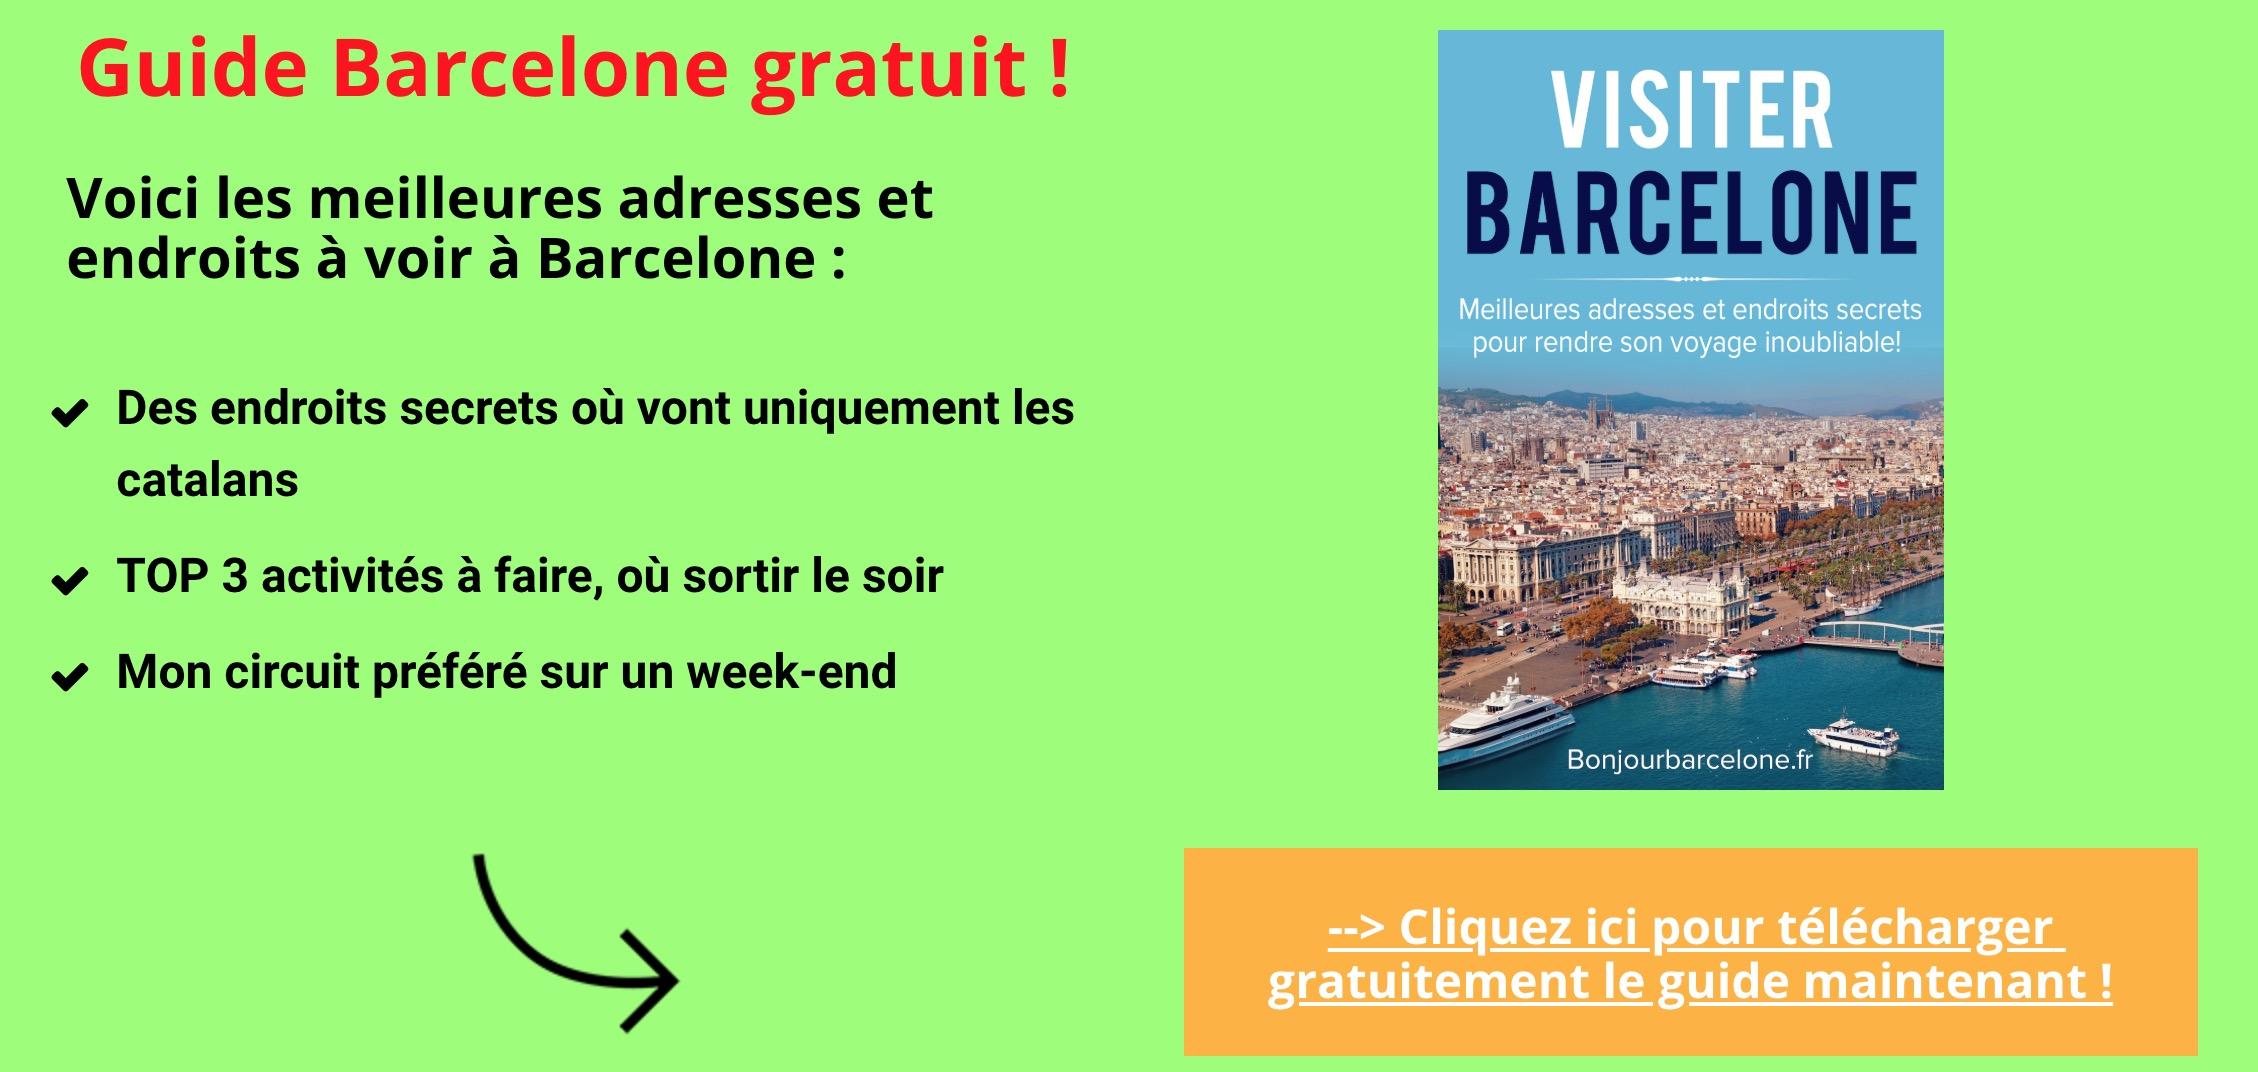 Fondation Miro Barcelone Le Guide Complet 2019 Gratuit